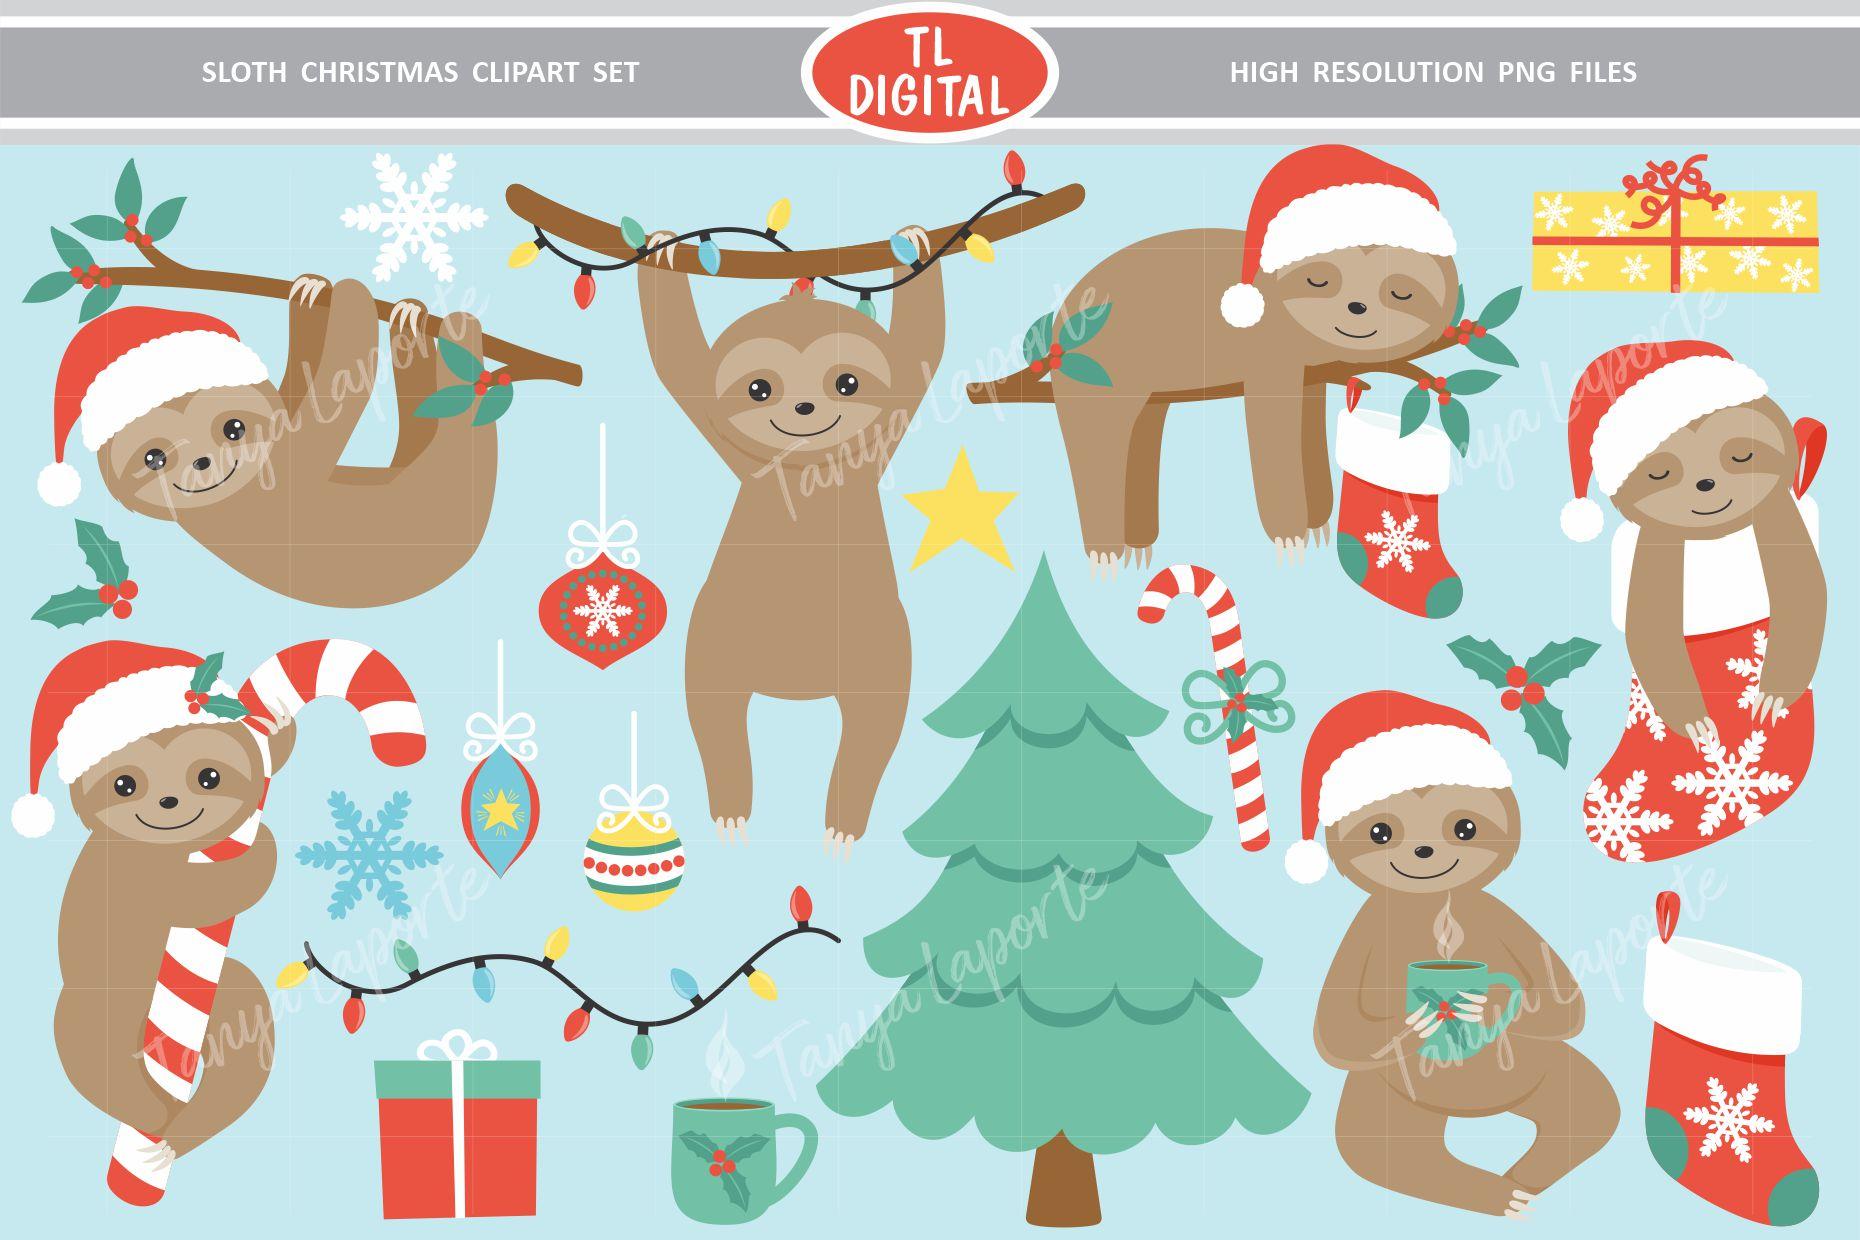 Sloth Christmas Clipart Set - 21 Christmas Graphics example image 1